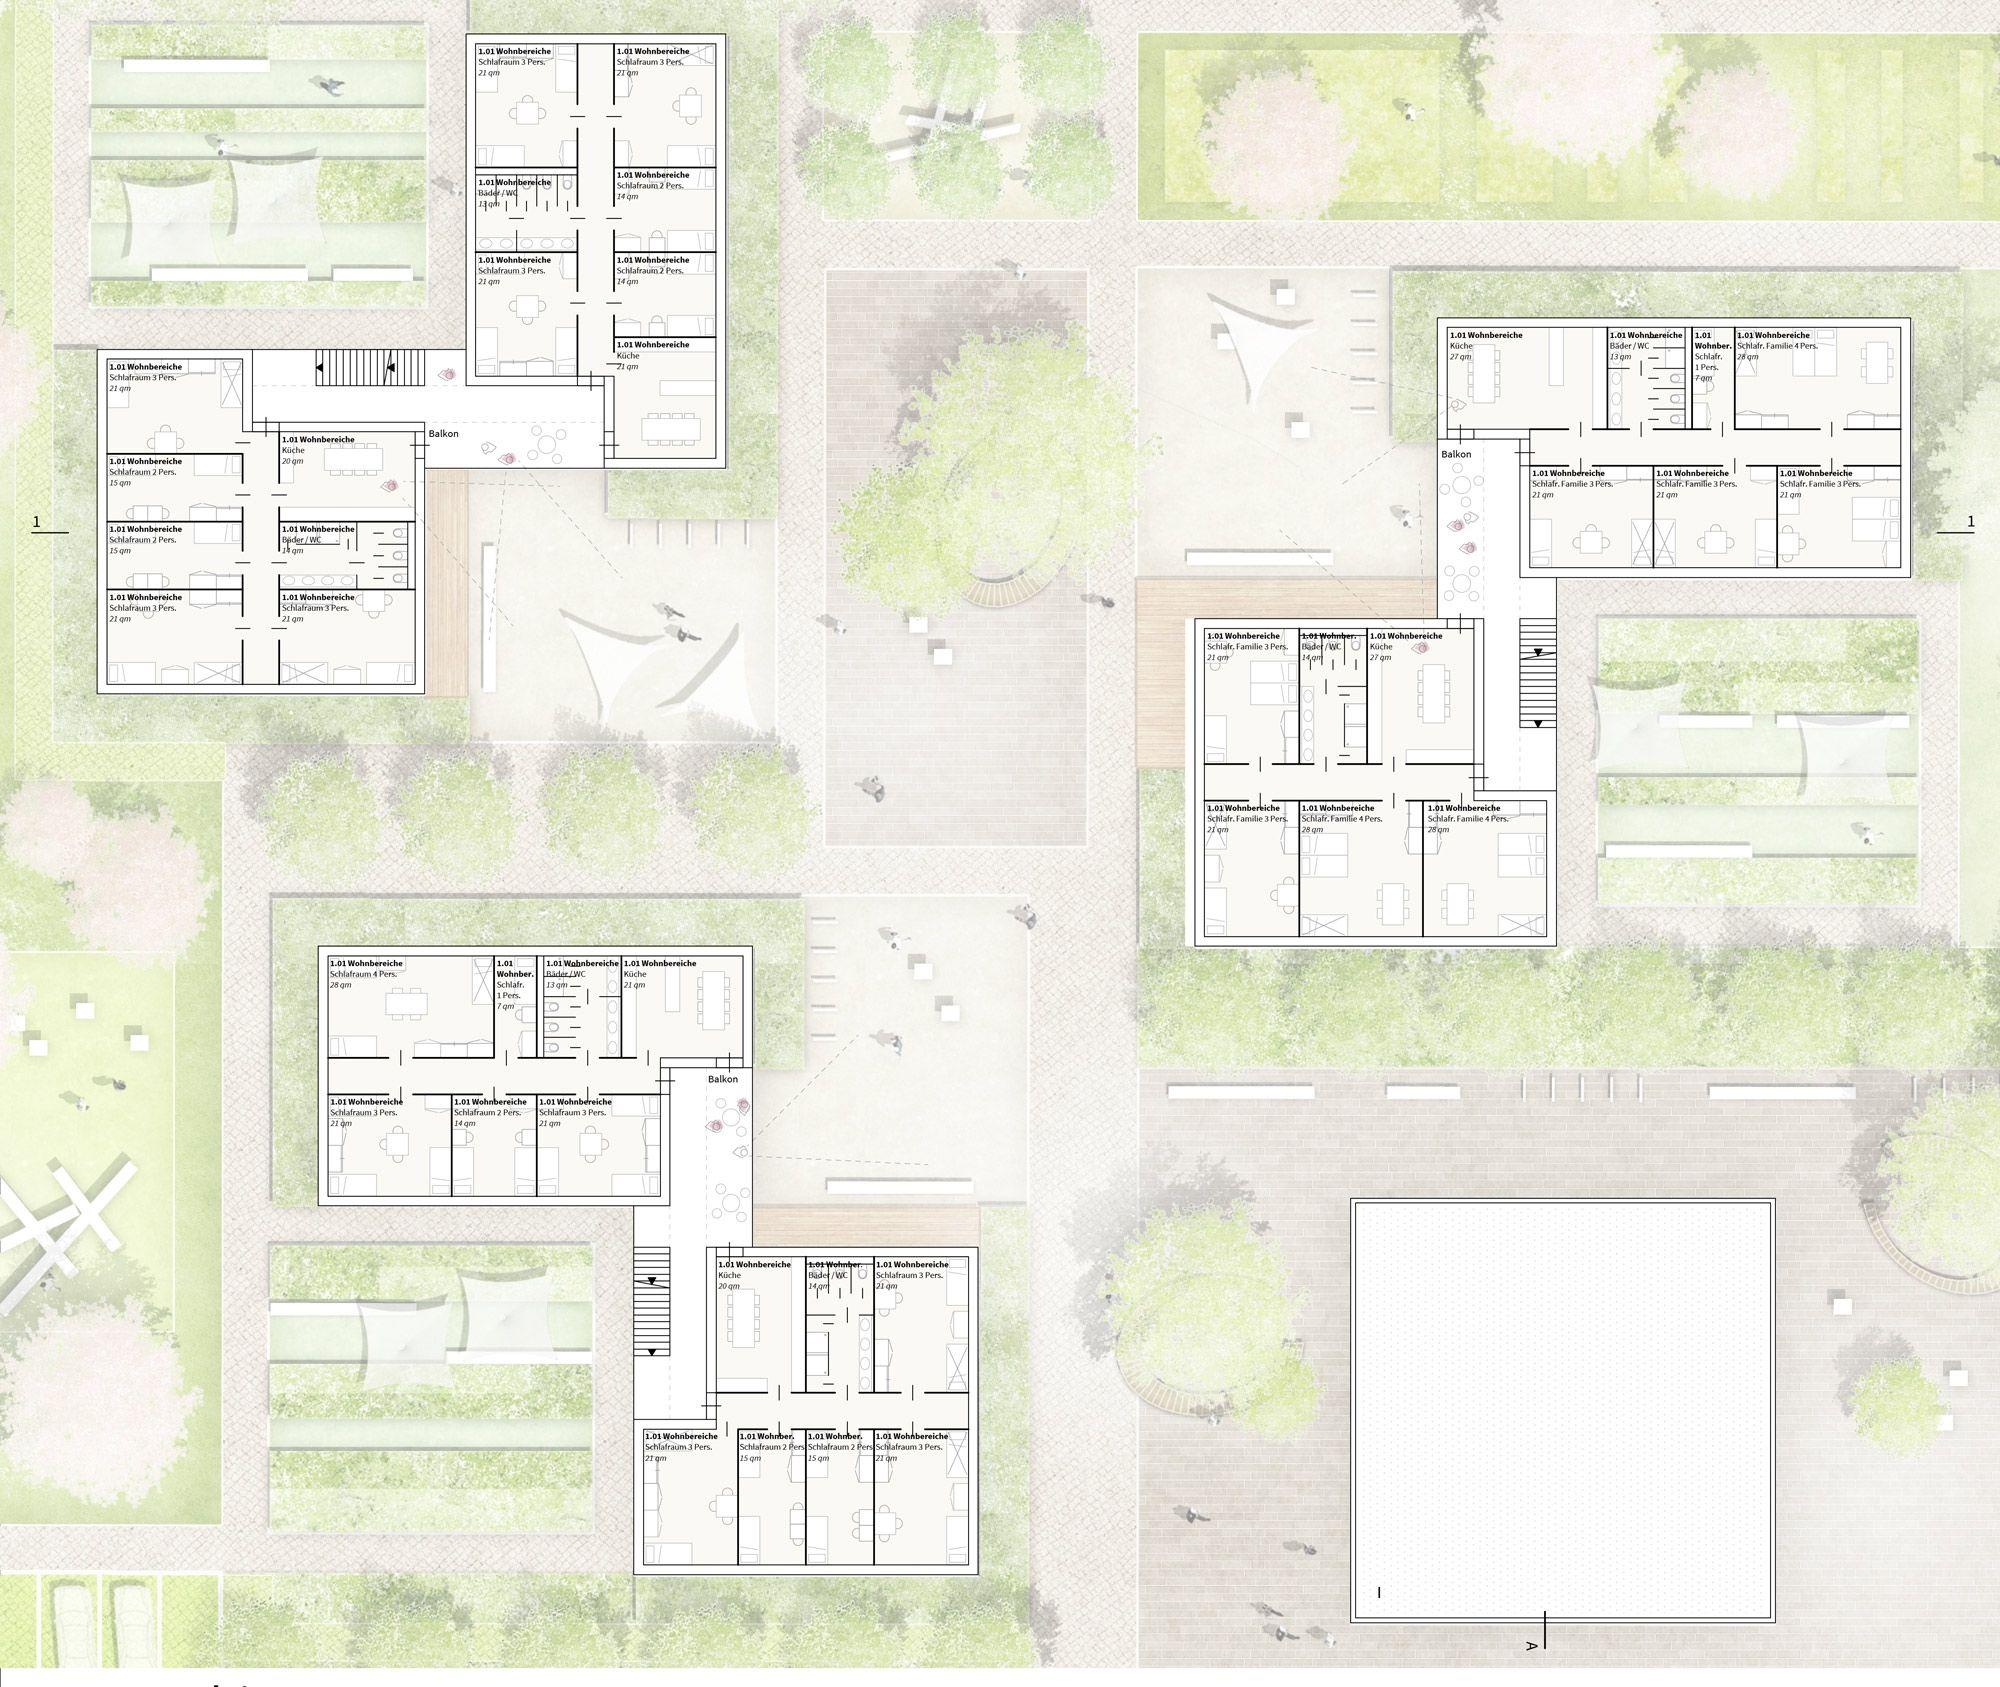 Grundriss Lesen teilnahme grundriss 1 obergeschoss h4a architekten